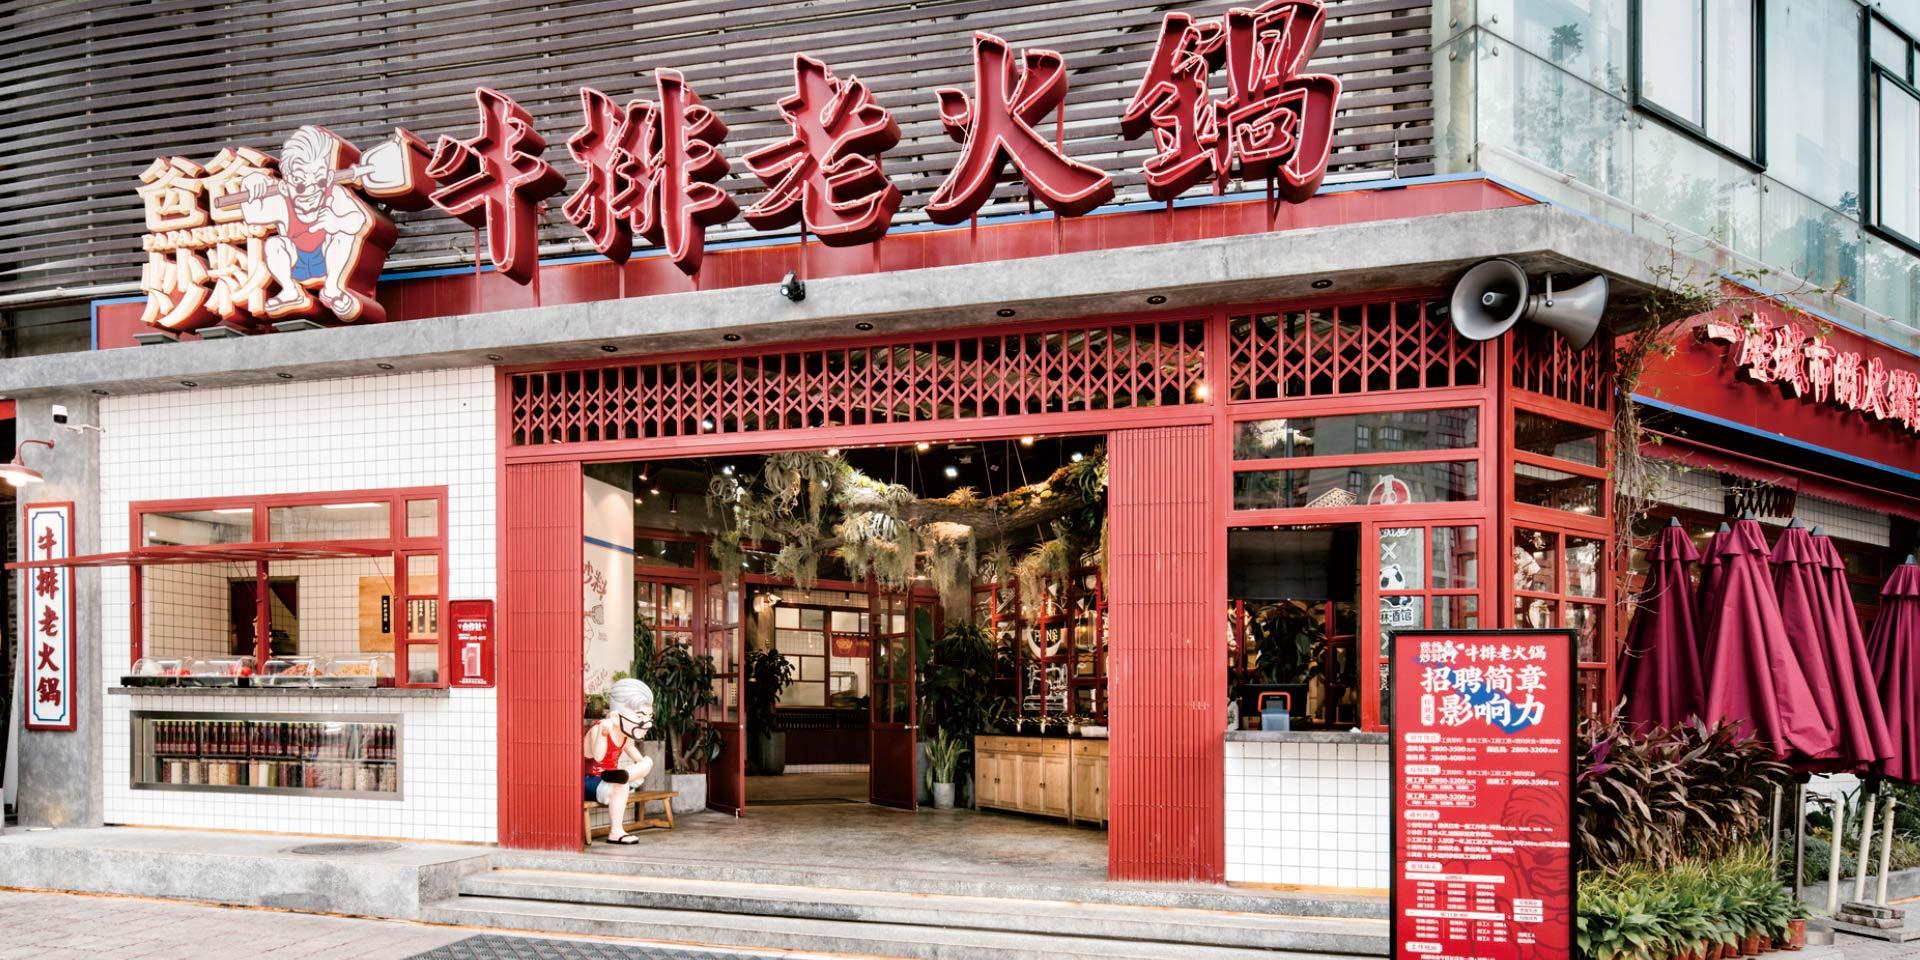 成都火锅加盟店,四川火锅加盟店